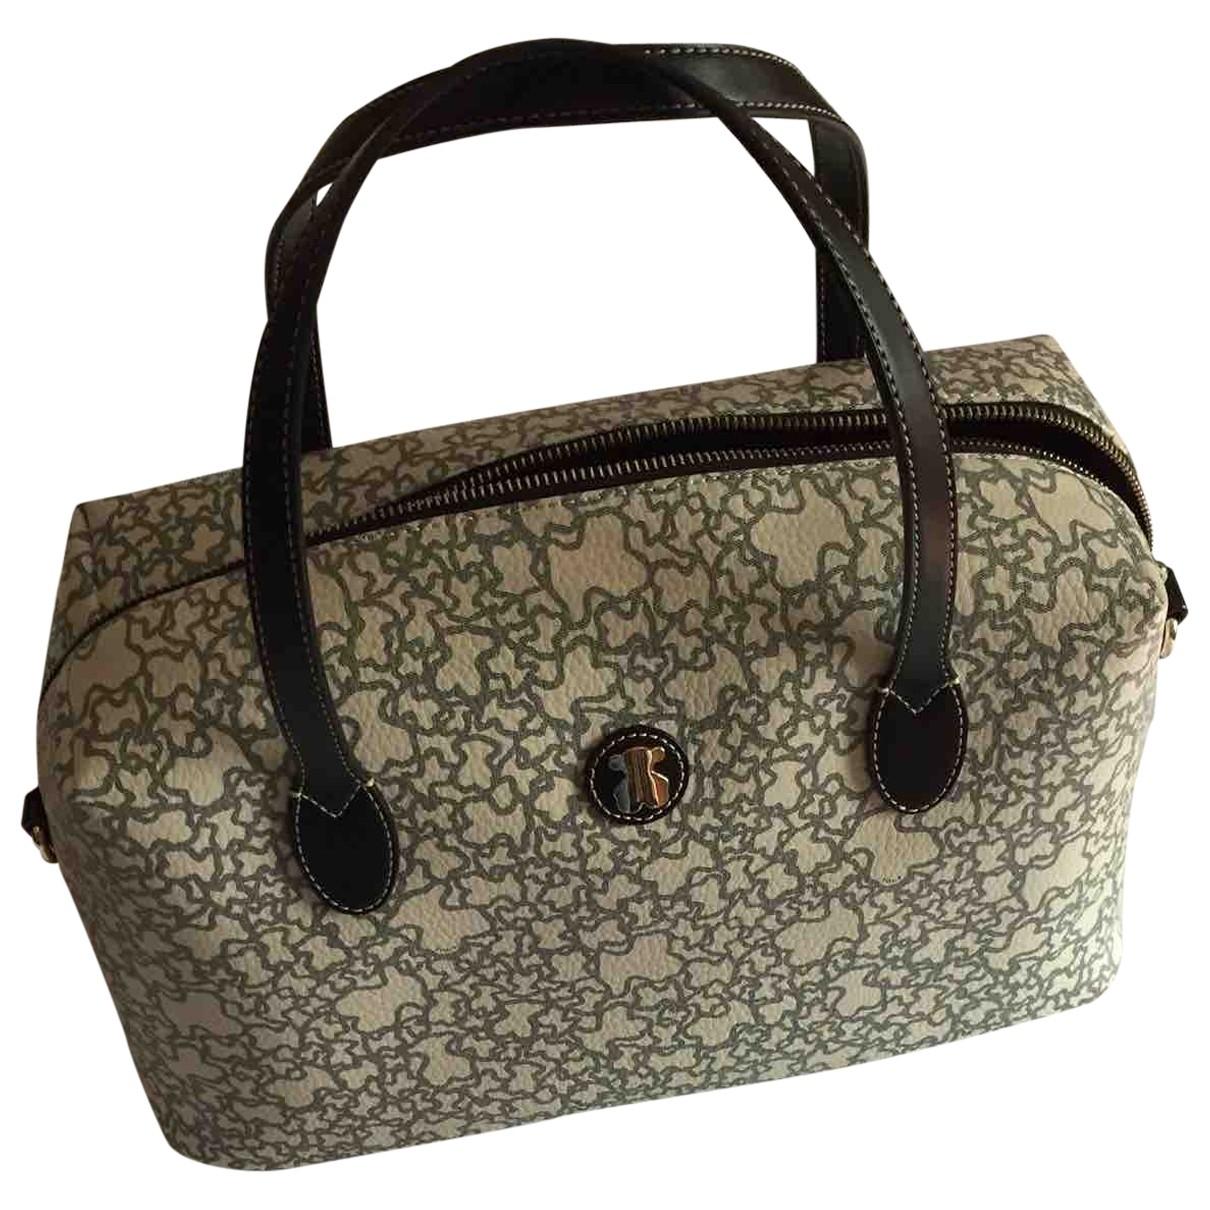 Atelier Tous \N Handtasche in  Beige Leder